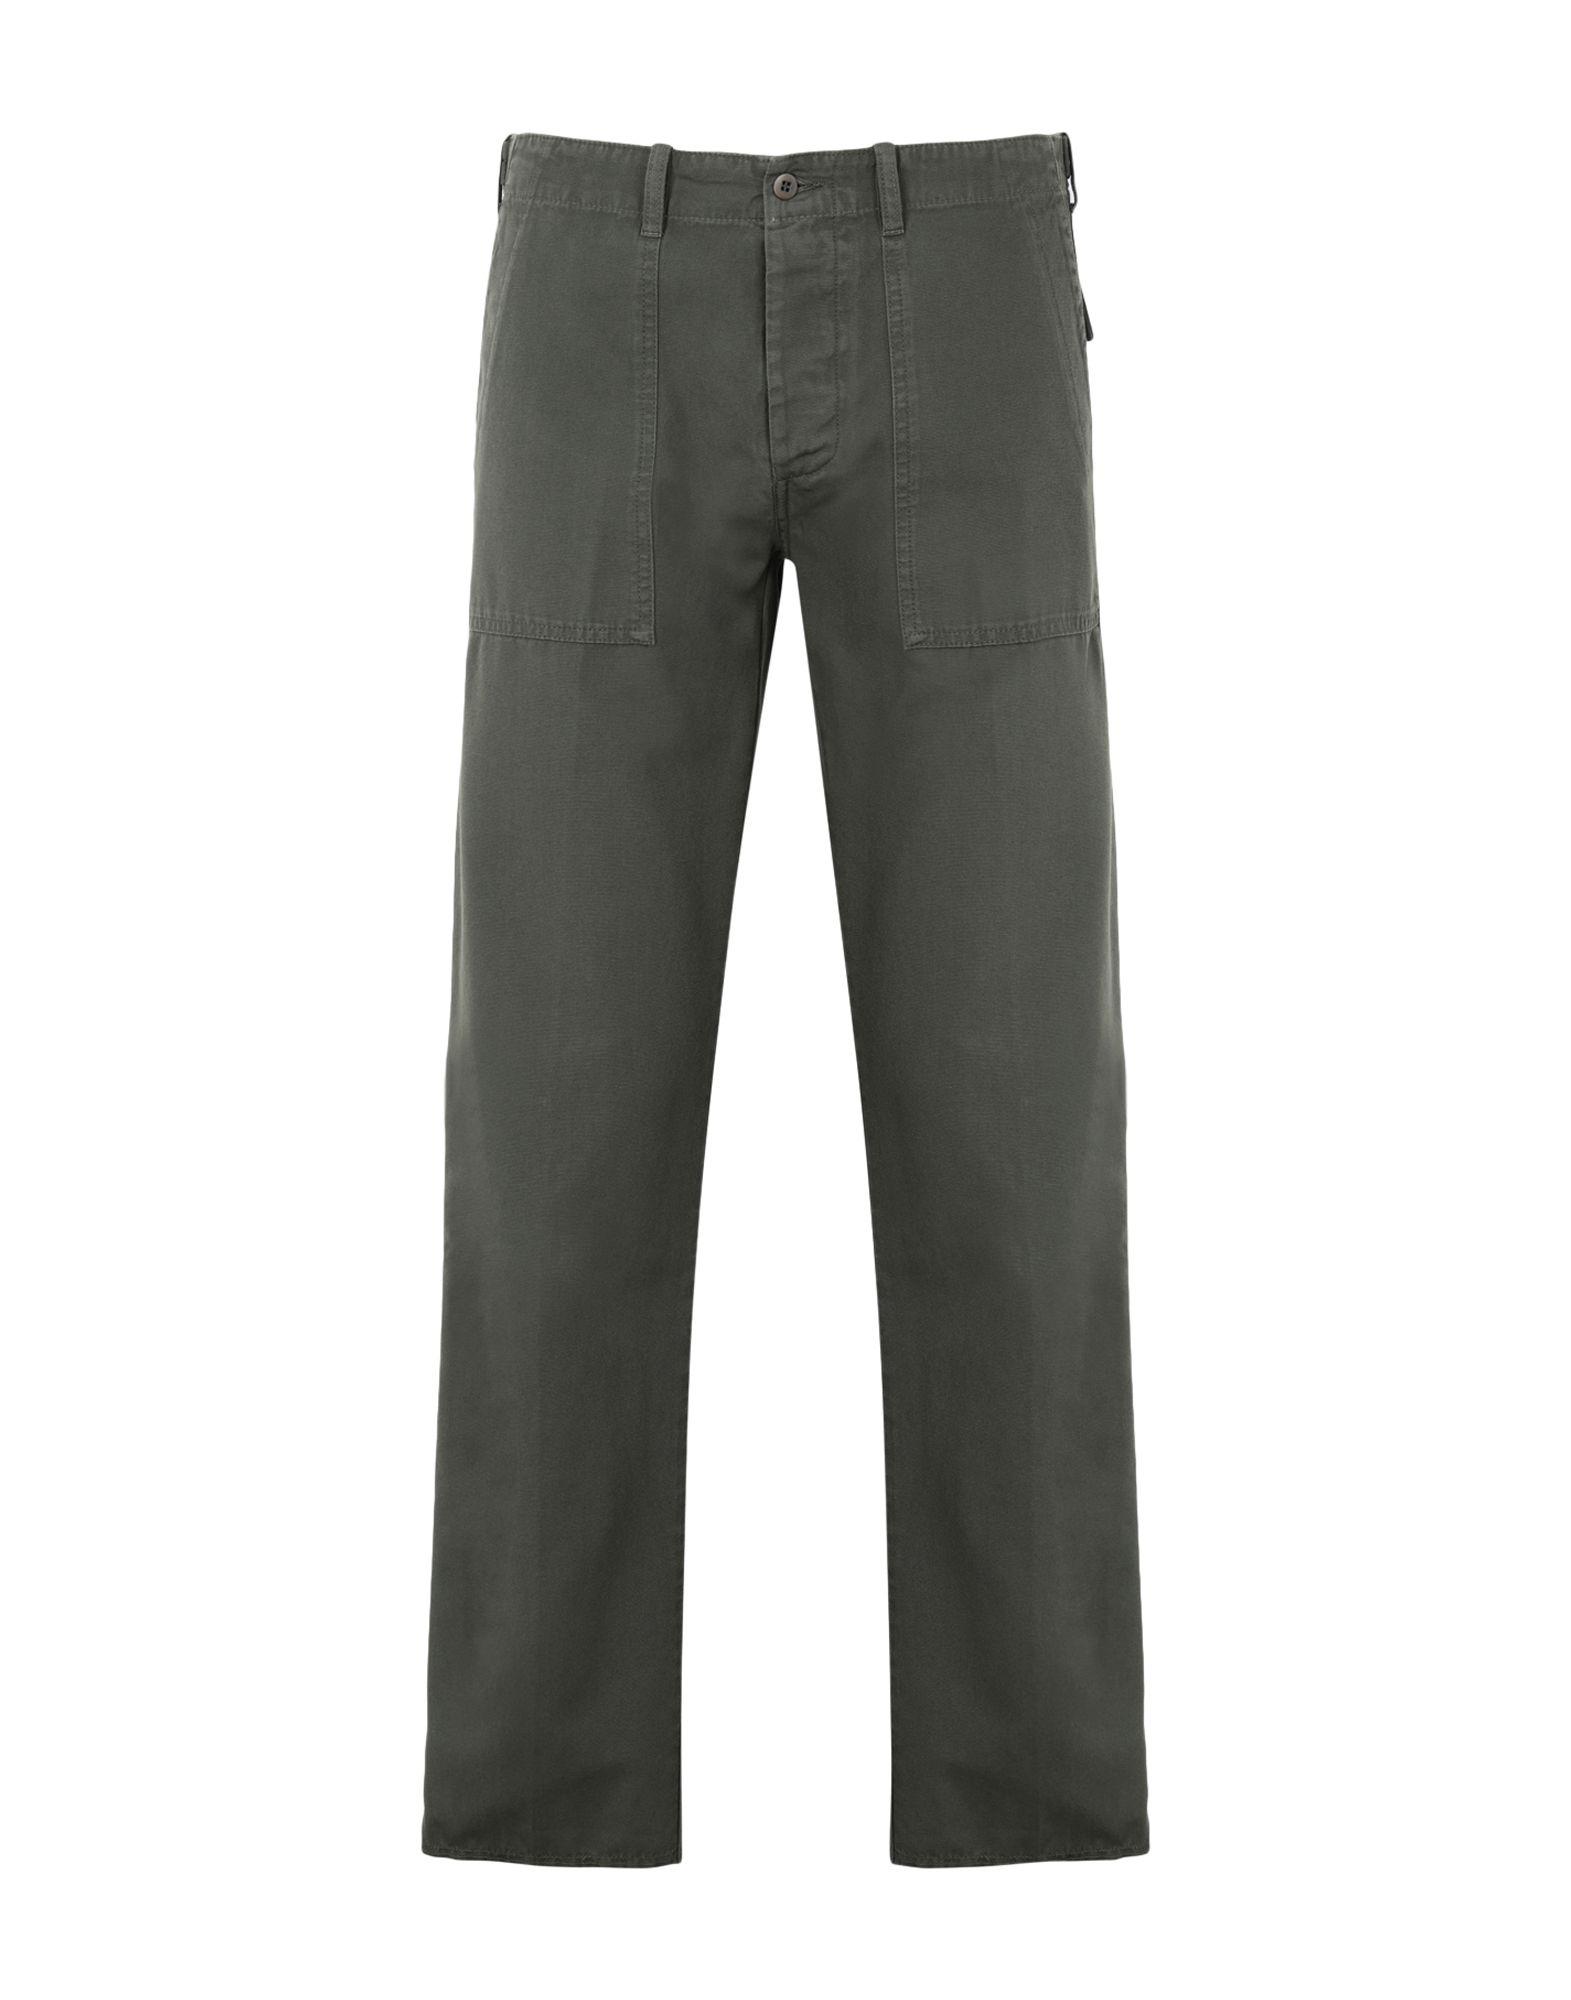 《期間限定セール開催中!》DOPPIAA メンズ パンツ ミリタリーグリーン 46 コットン 100% AARTEMAS